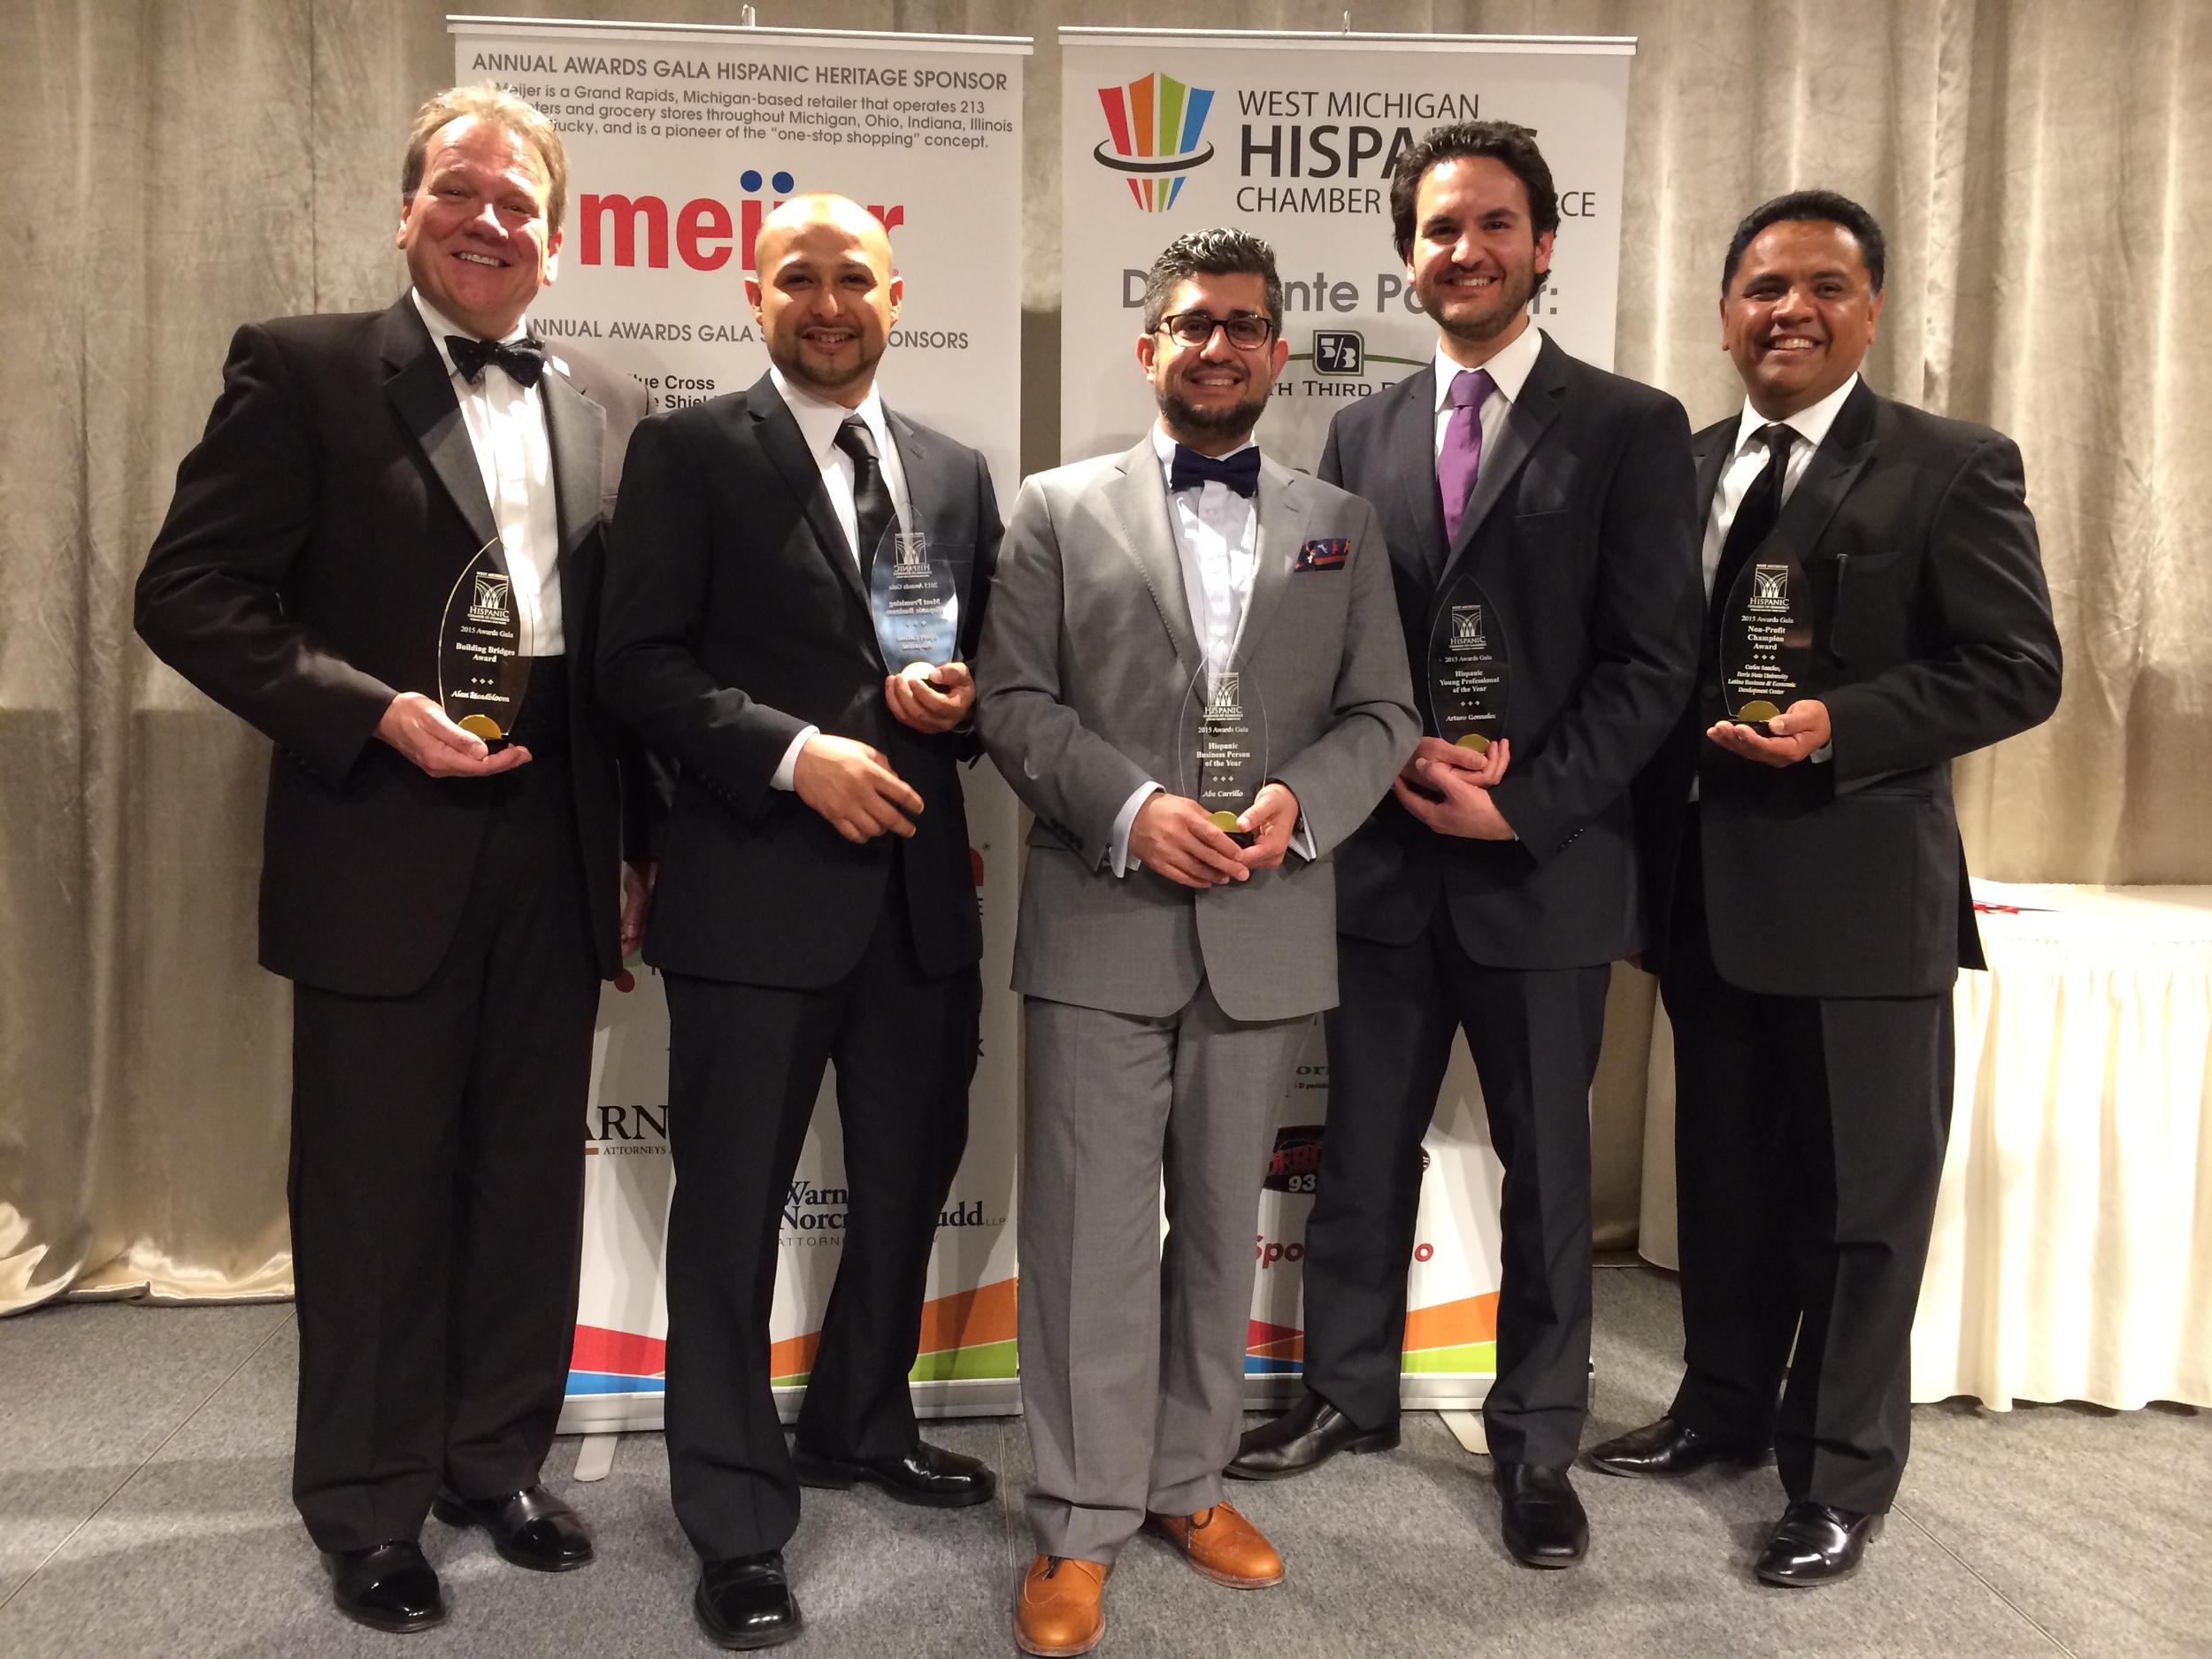 Left to right: Alan Headbloom, Luis Garcia, Abe Carillo, Arturo Gonzalez, Carlos Sanchez